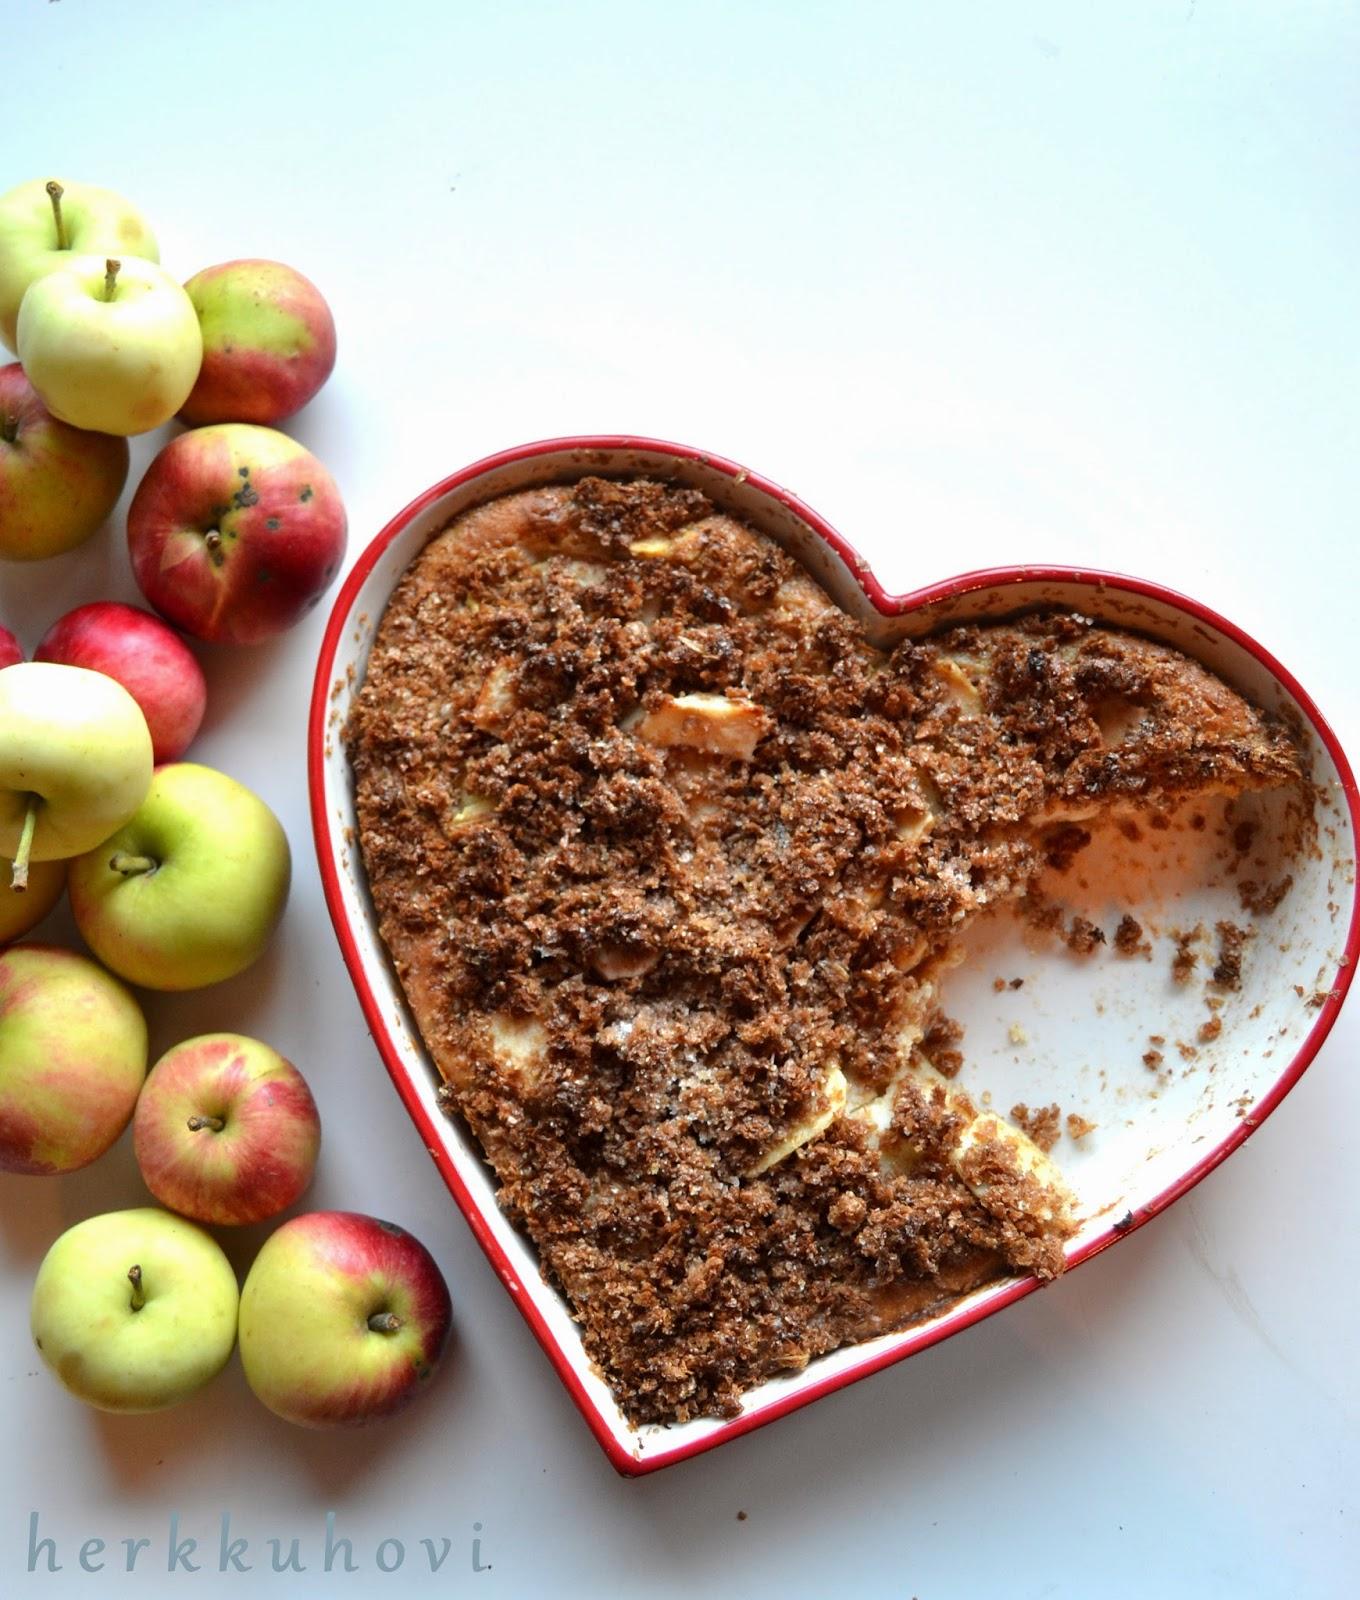 Rouheva omenapiirakka